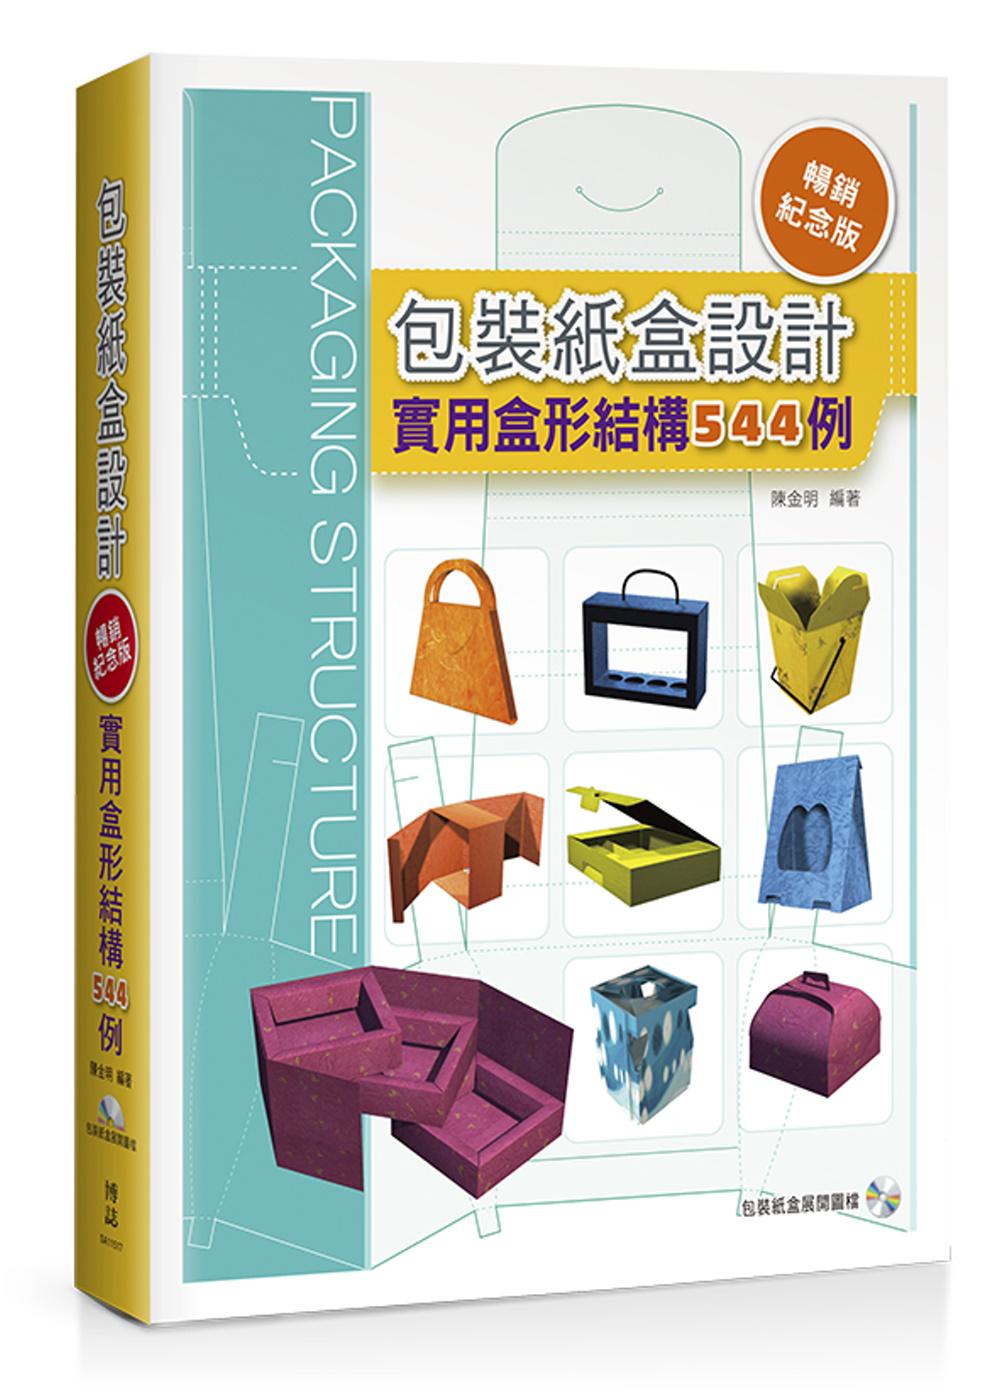 暢銷 版^!包裝紙盒 : 盒形結構544例